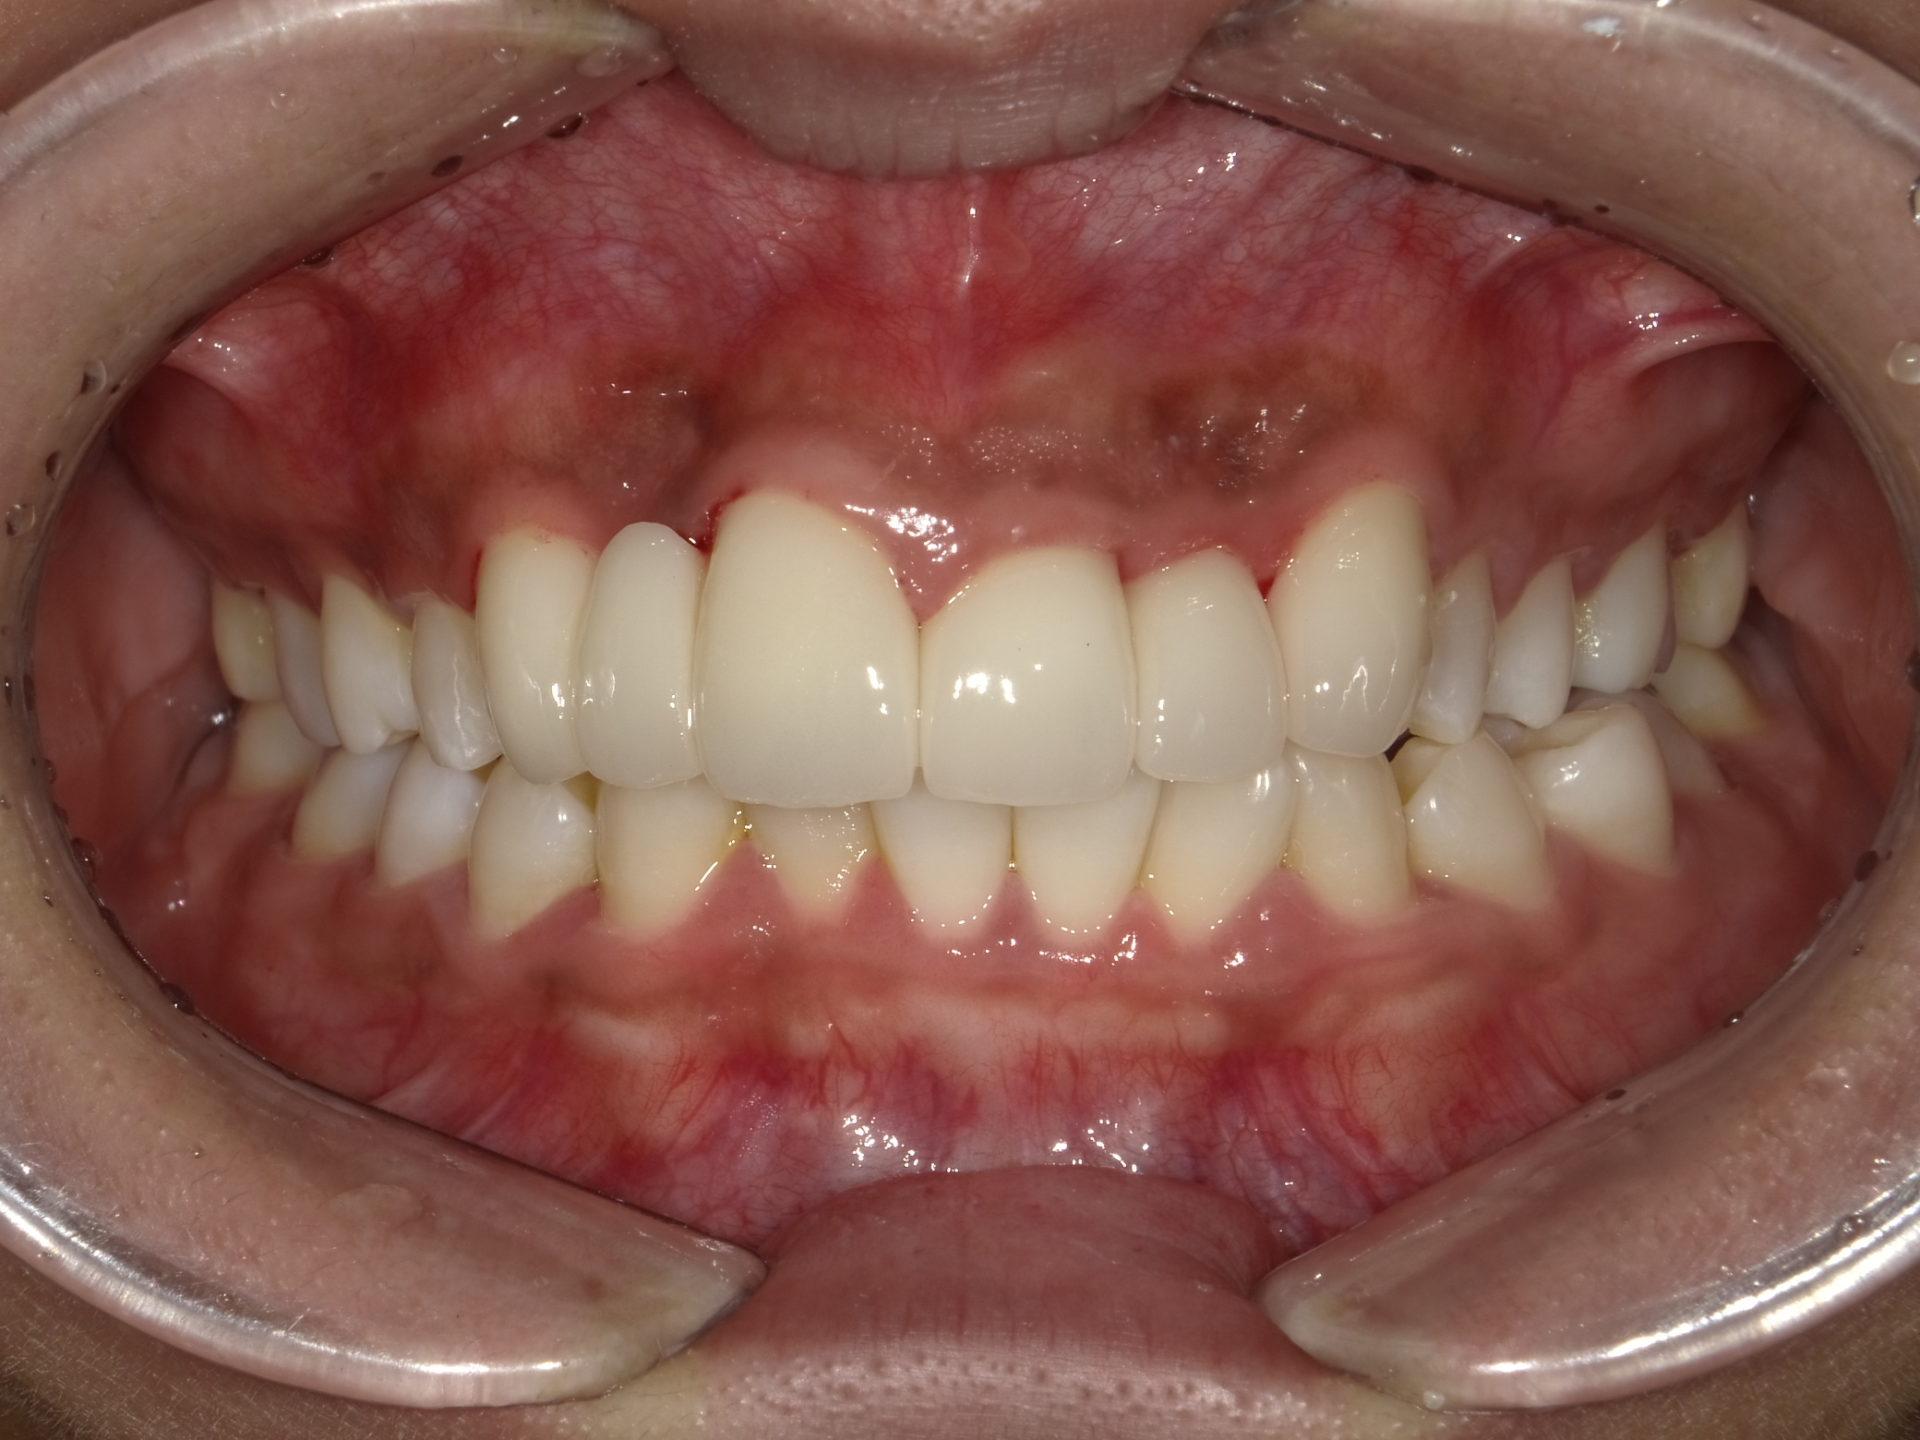 セラミックによる審美治療 上顎前歯6本